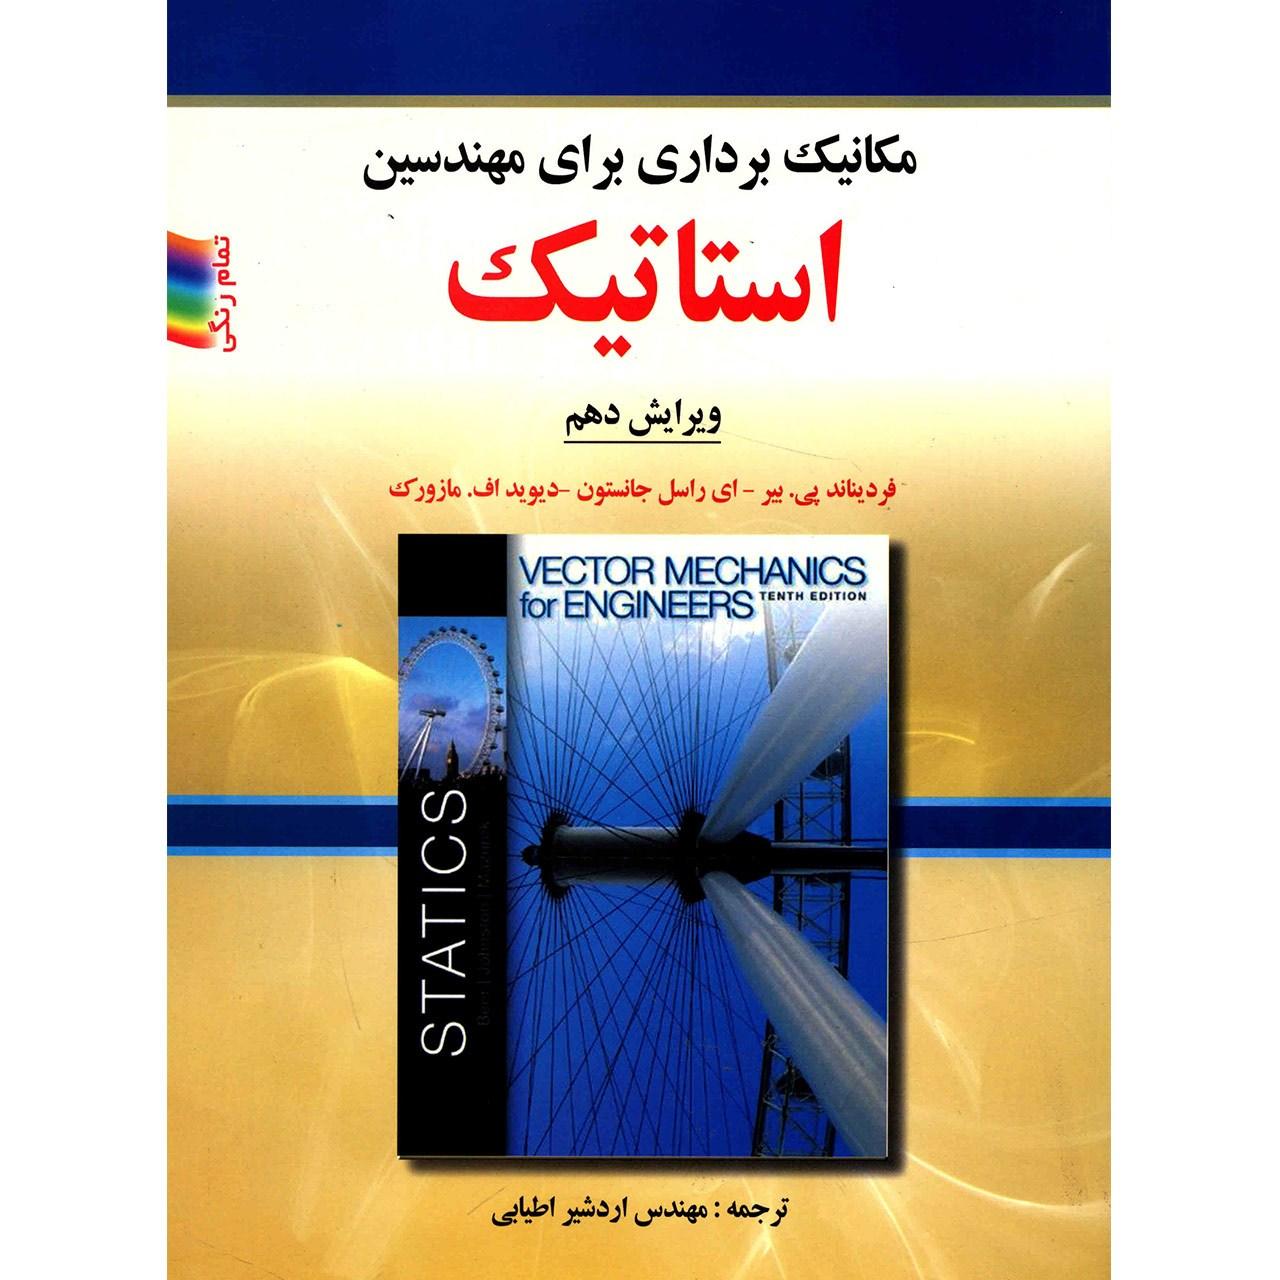 کتاب مکانیک برداری برای مهندسین استاتیک اثر فردیناند پی بیر